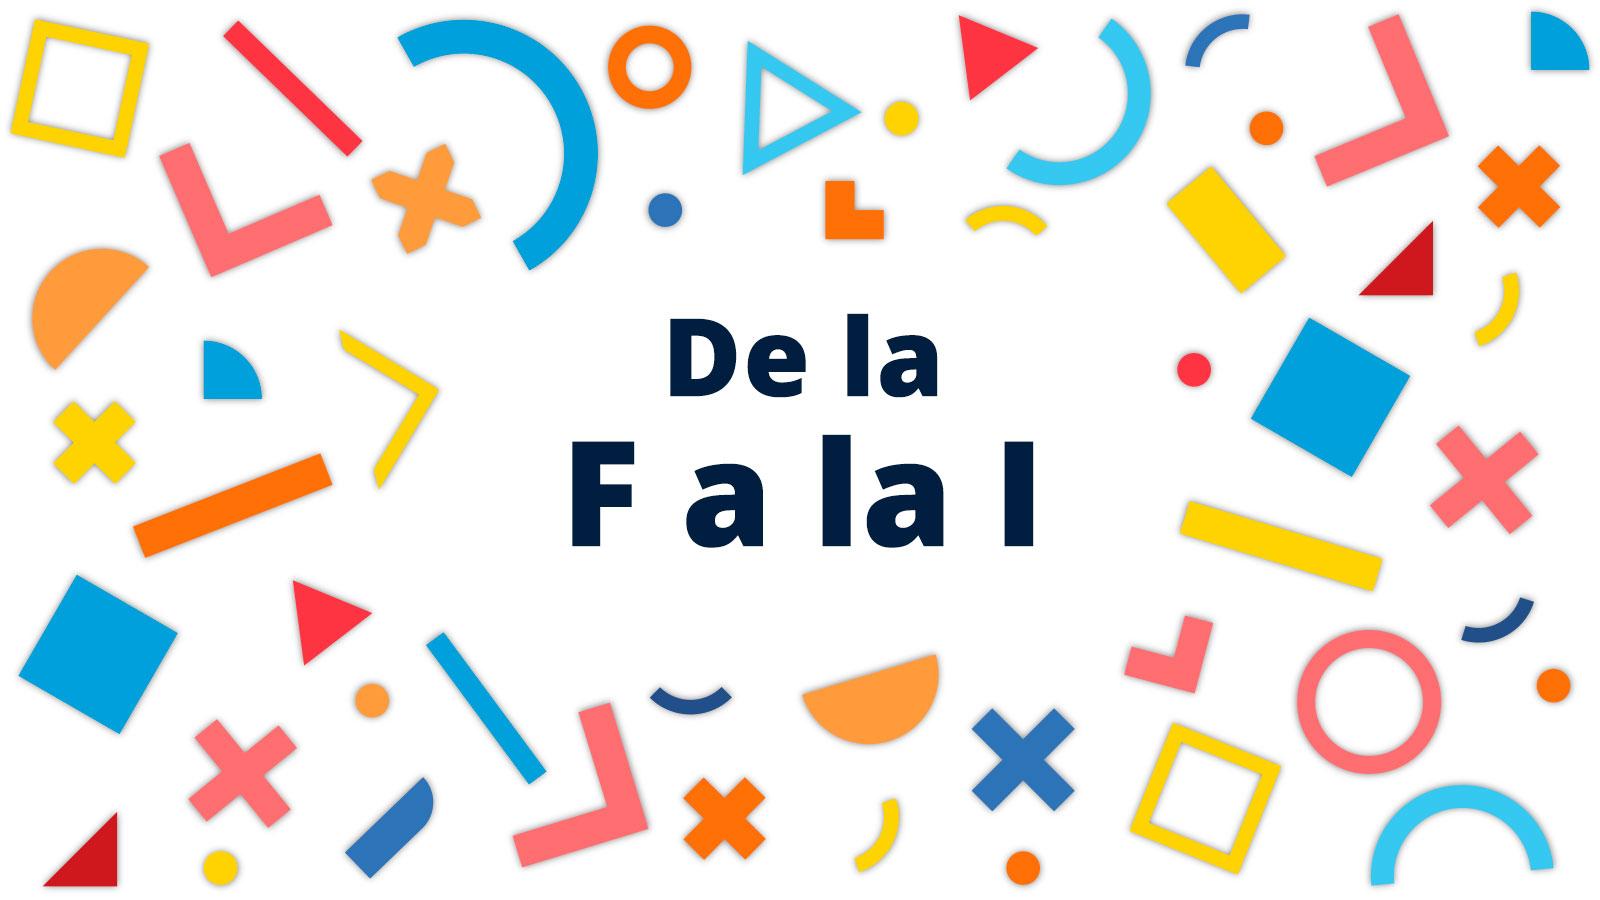 terminología específica de Dialogflow: de la F a la I